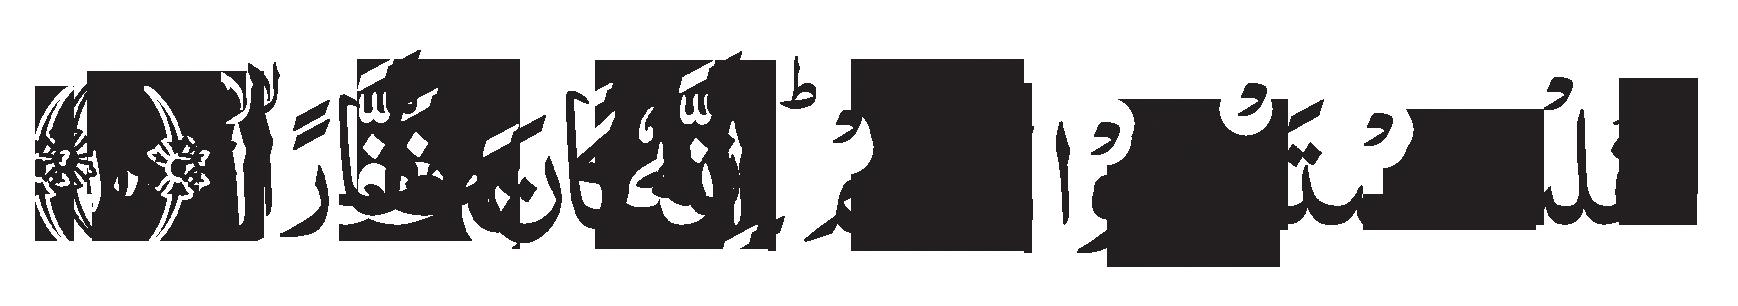 surah-noh-ayat-10